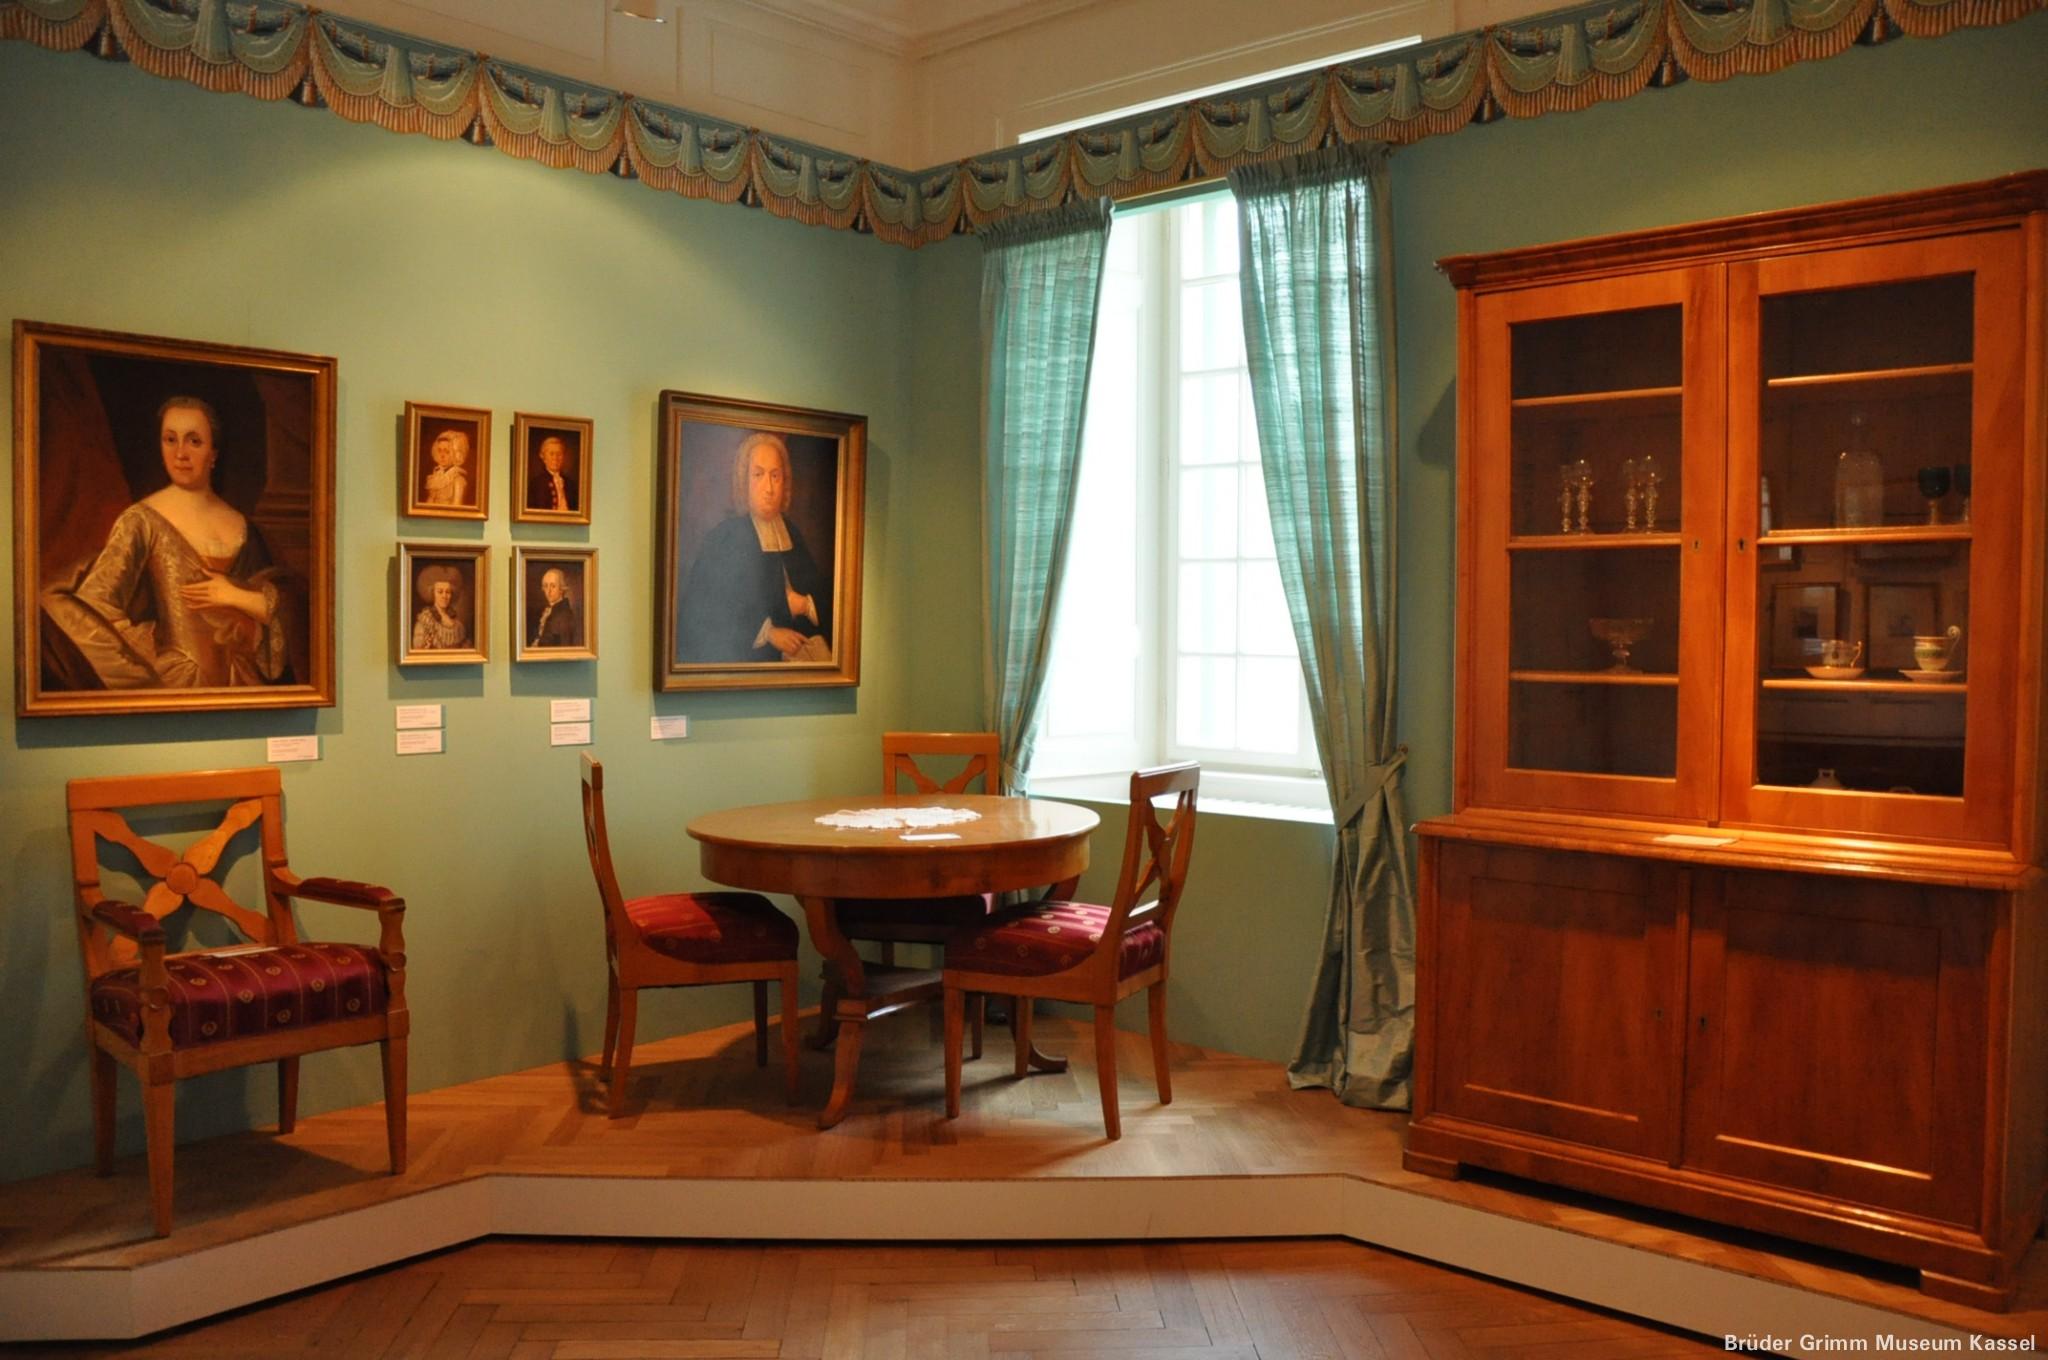 1785 1798 herkunft hanau und steinau br der grimm gesellschaft kassel e v. Black Bedroom Furniture Sets. Home Design Ideas